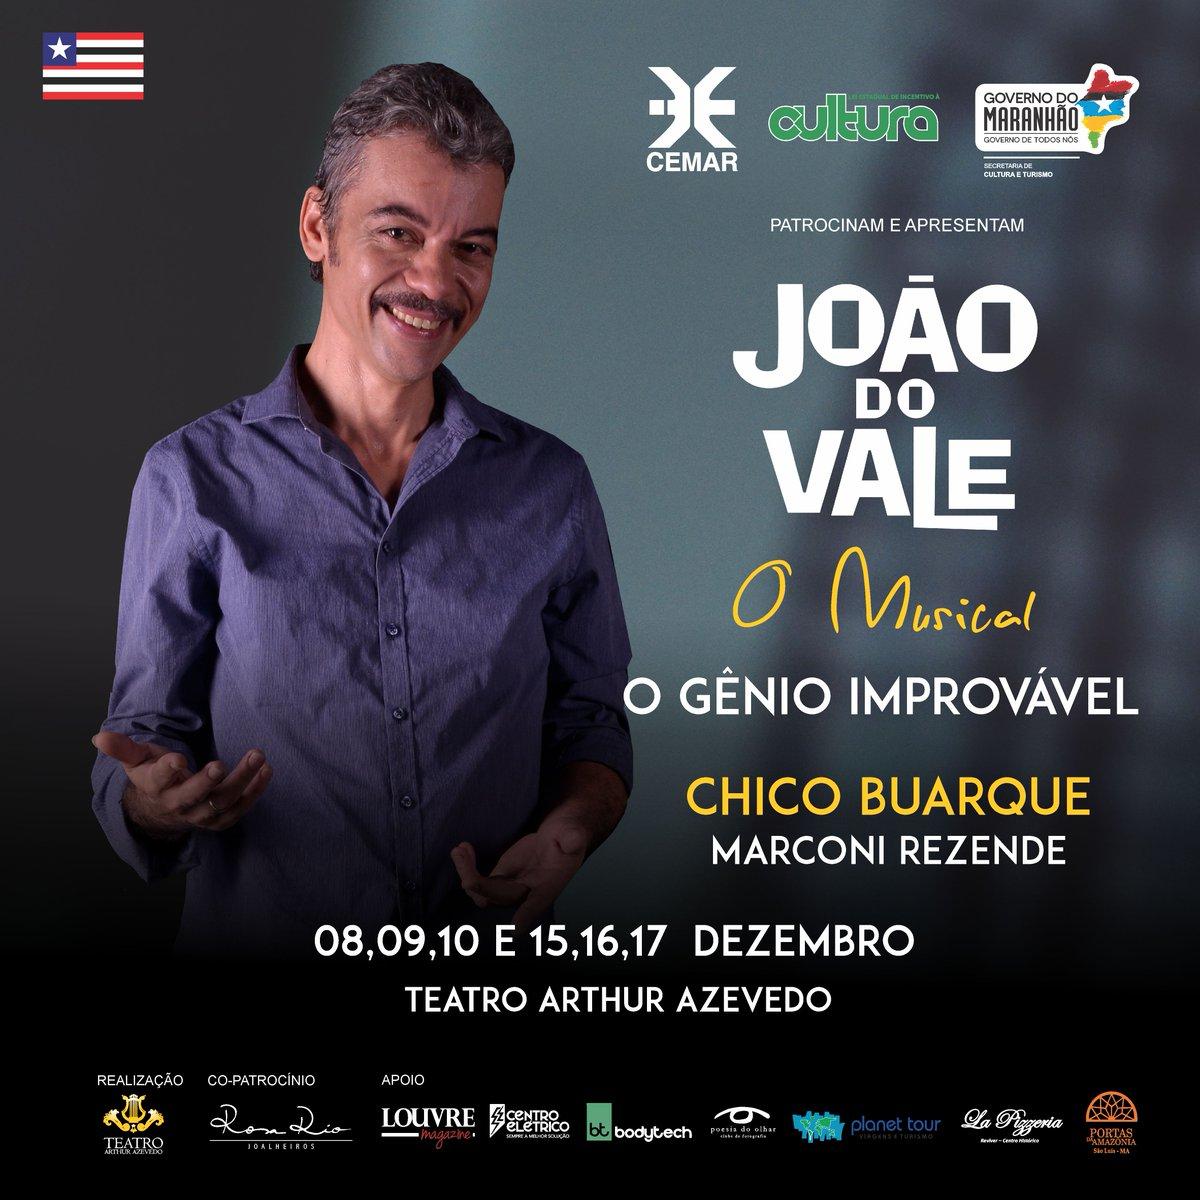 Marcos Rezende é Chico Buarque em 'João do Vale - O Musical'. O espetáculo produzido desde o início do ano, promete marcar em grande estilo a reinauguração do Teatro Arthur Azevedo https://t.co/QPyU3jsS92 #GovernoDeTodosNós